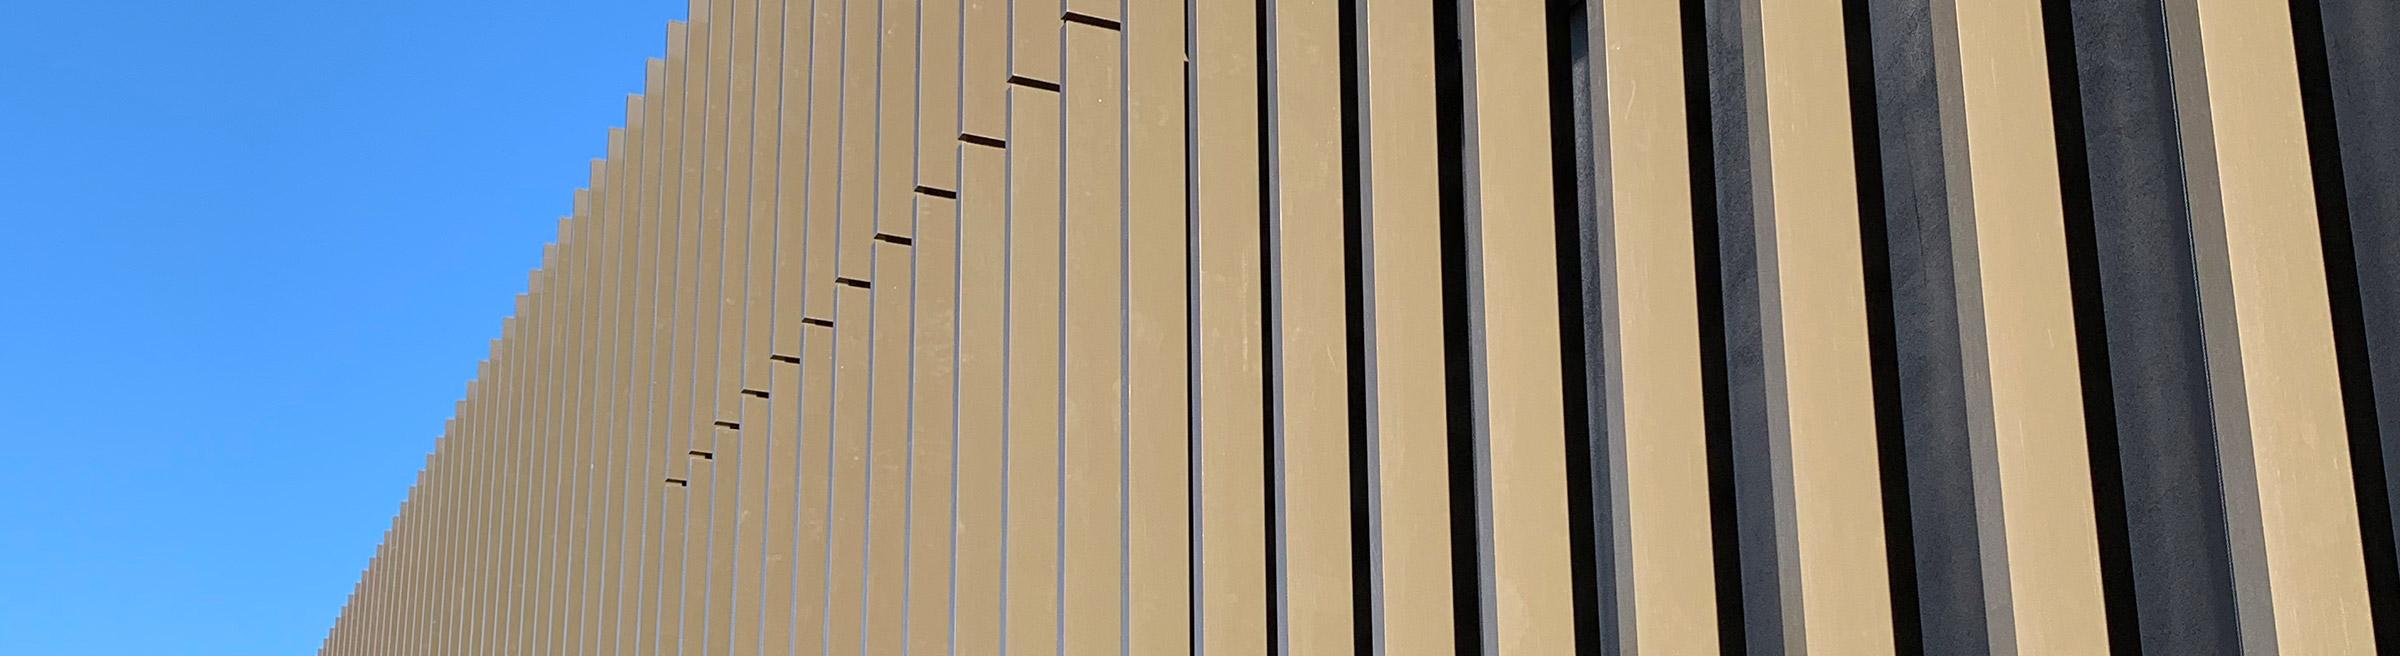 aluminium non combustible facade blades